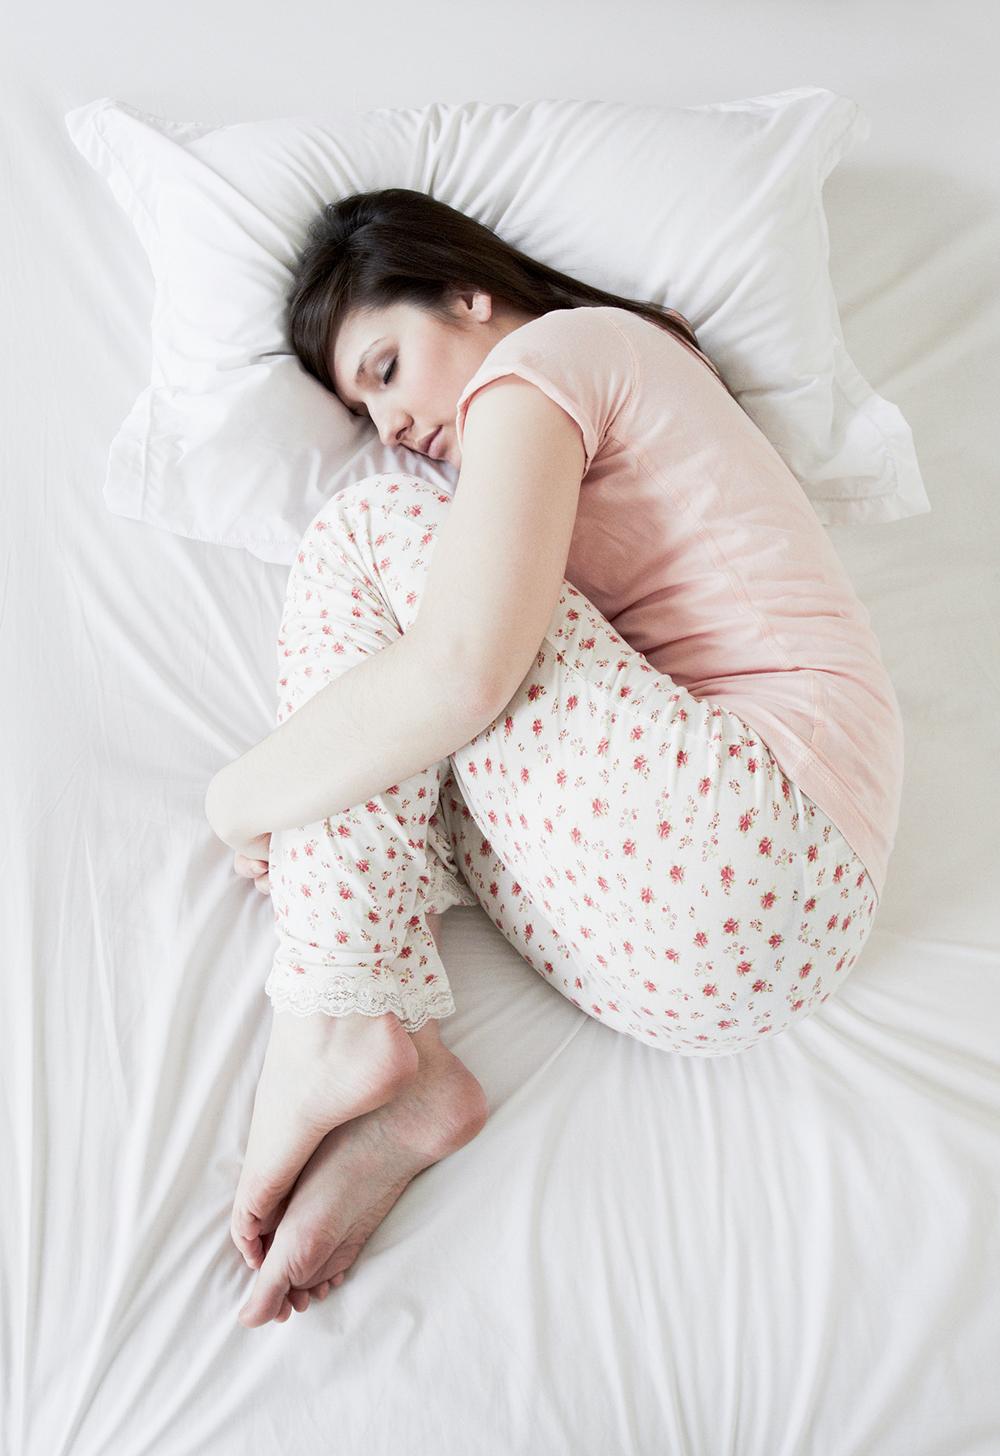 видеть во сне месячные могут не только женщины, но и мужчины